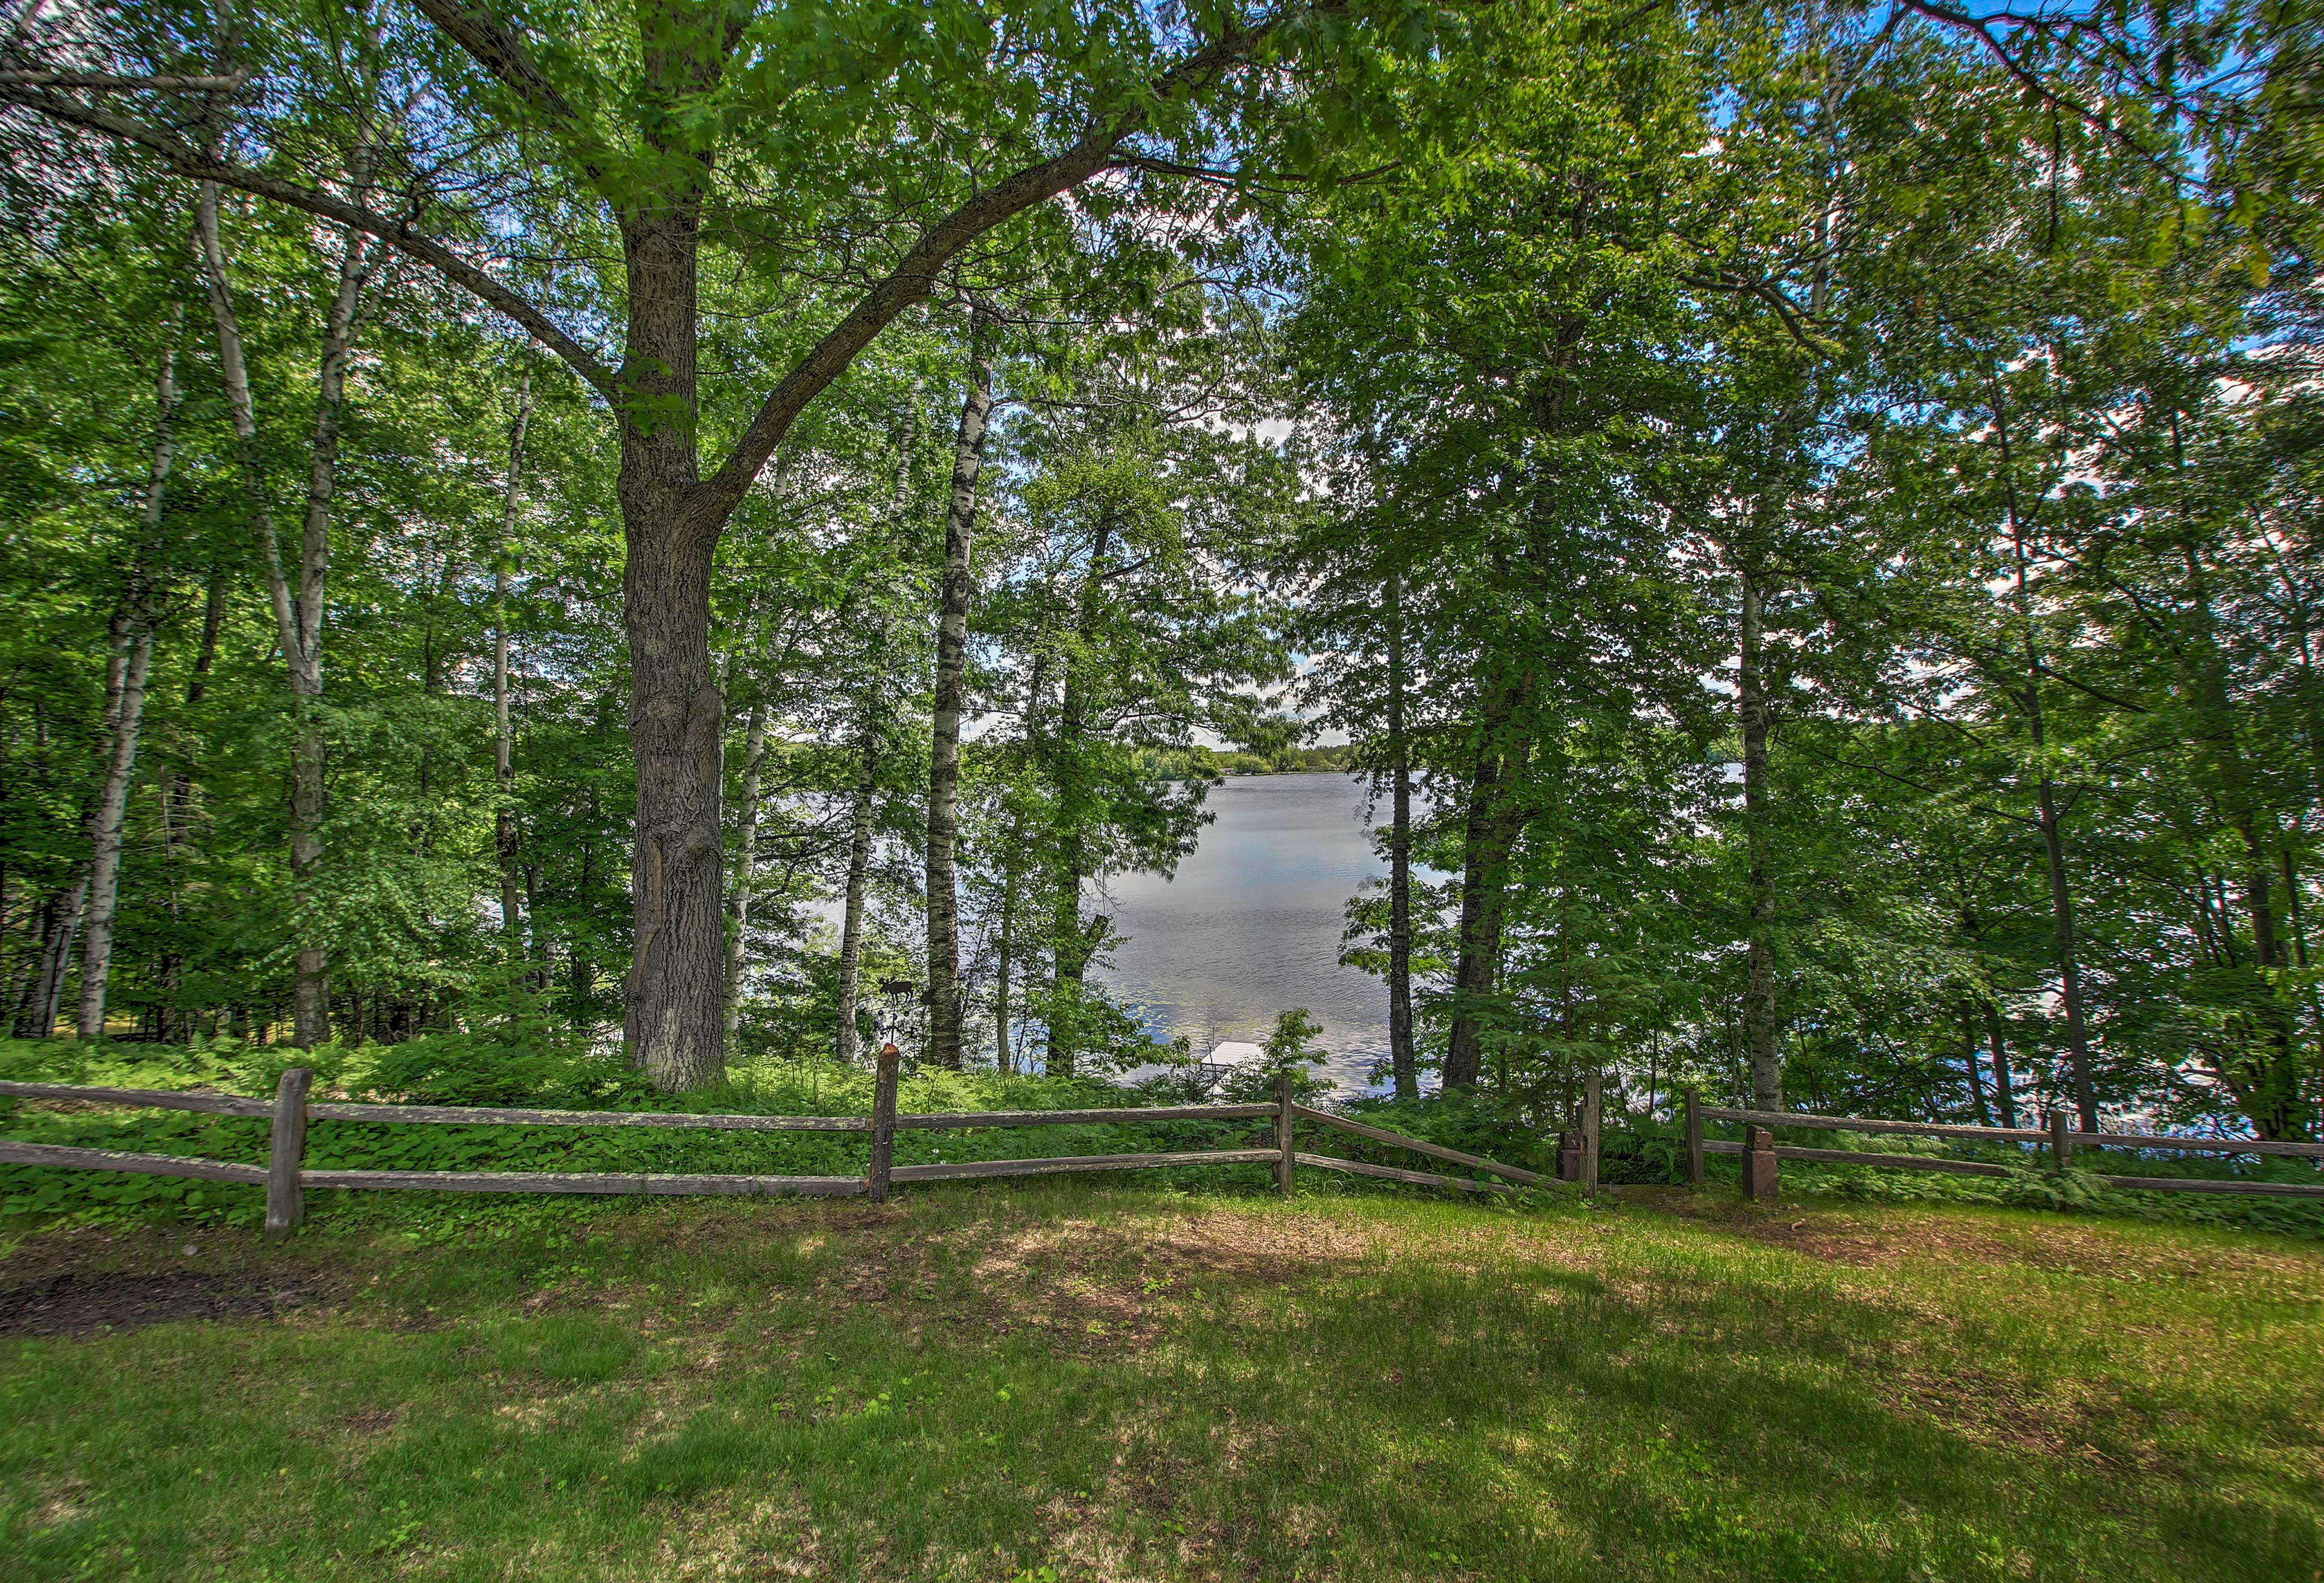 Take a peek through the trees to spot the lake.